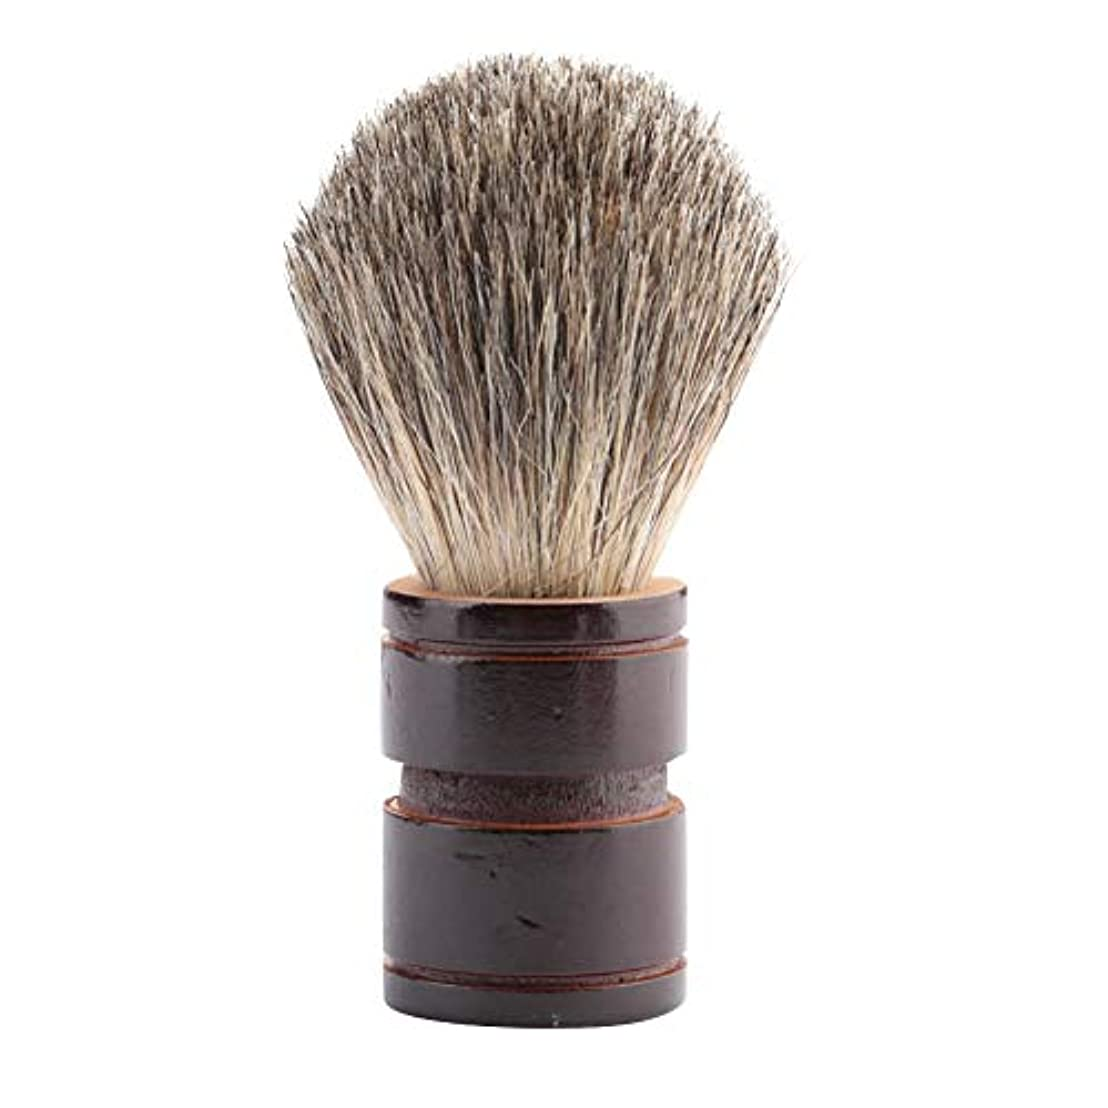 認証アクセシブルスポーツひげブラシ、2色オプションのポータブルプレミアム品質ブラシ男性のためのひげのケアツール美容院と家庭用缶(ヘム+ミックスロード)